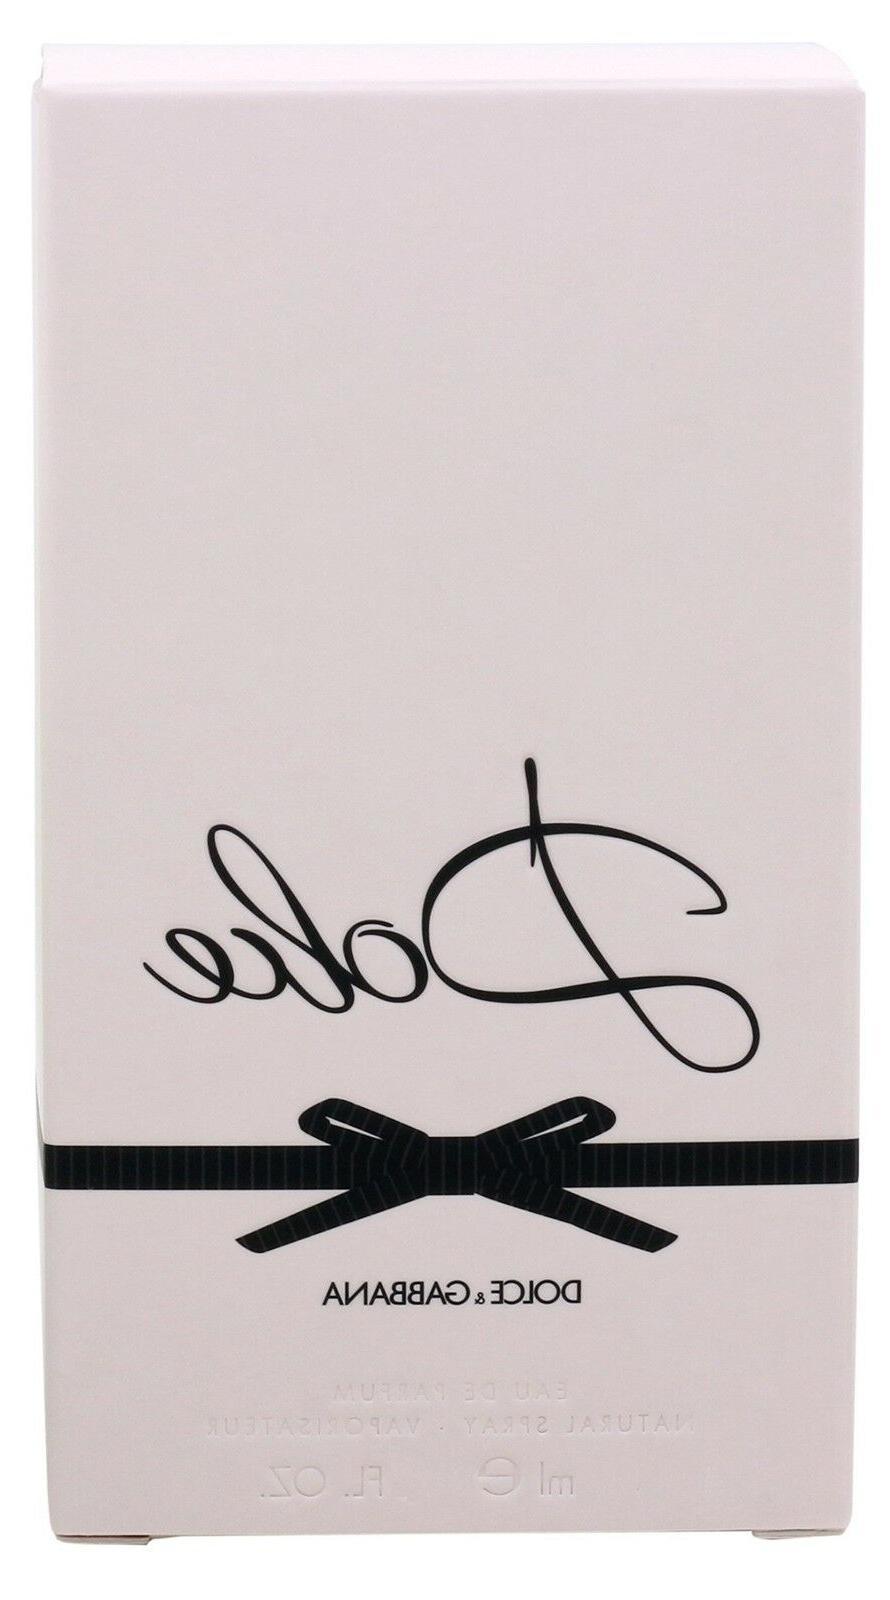 Dolce by Dolce Gabbana Eau de Parfum for Women, 2.5